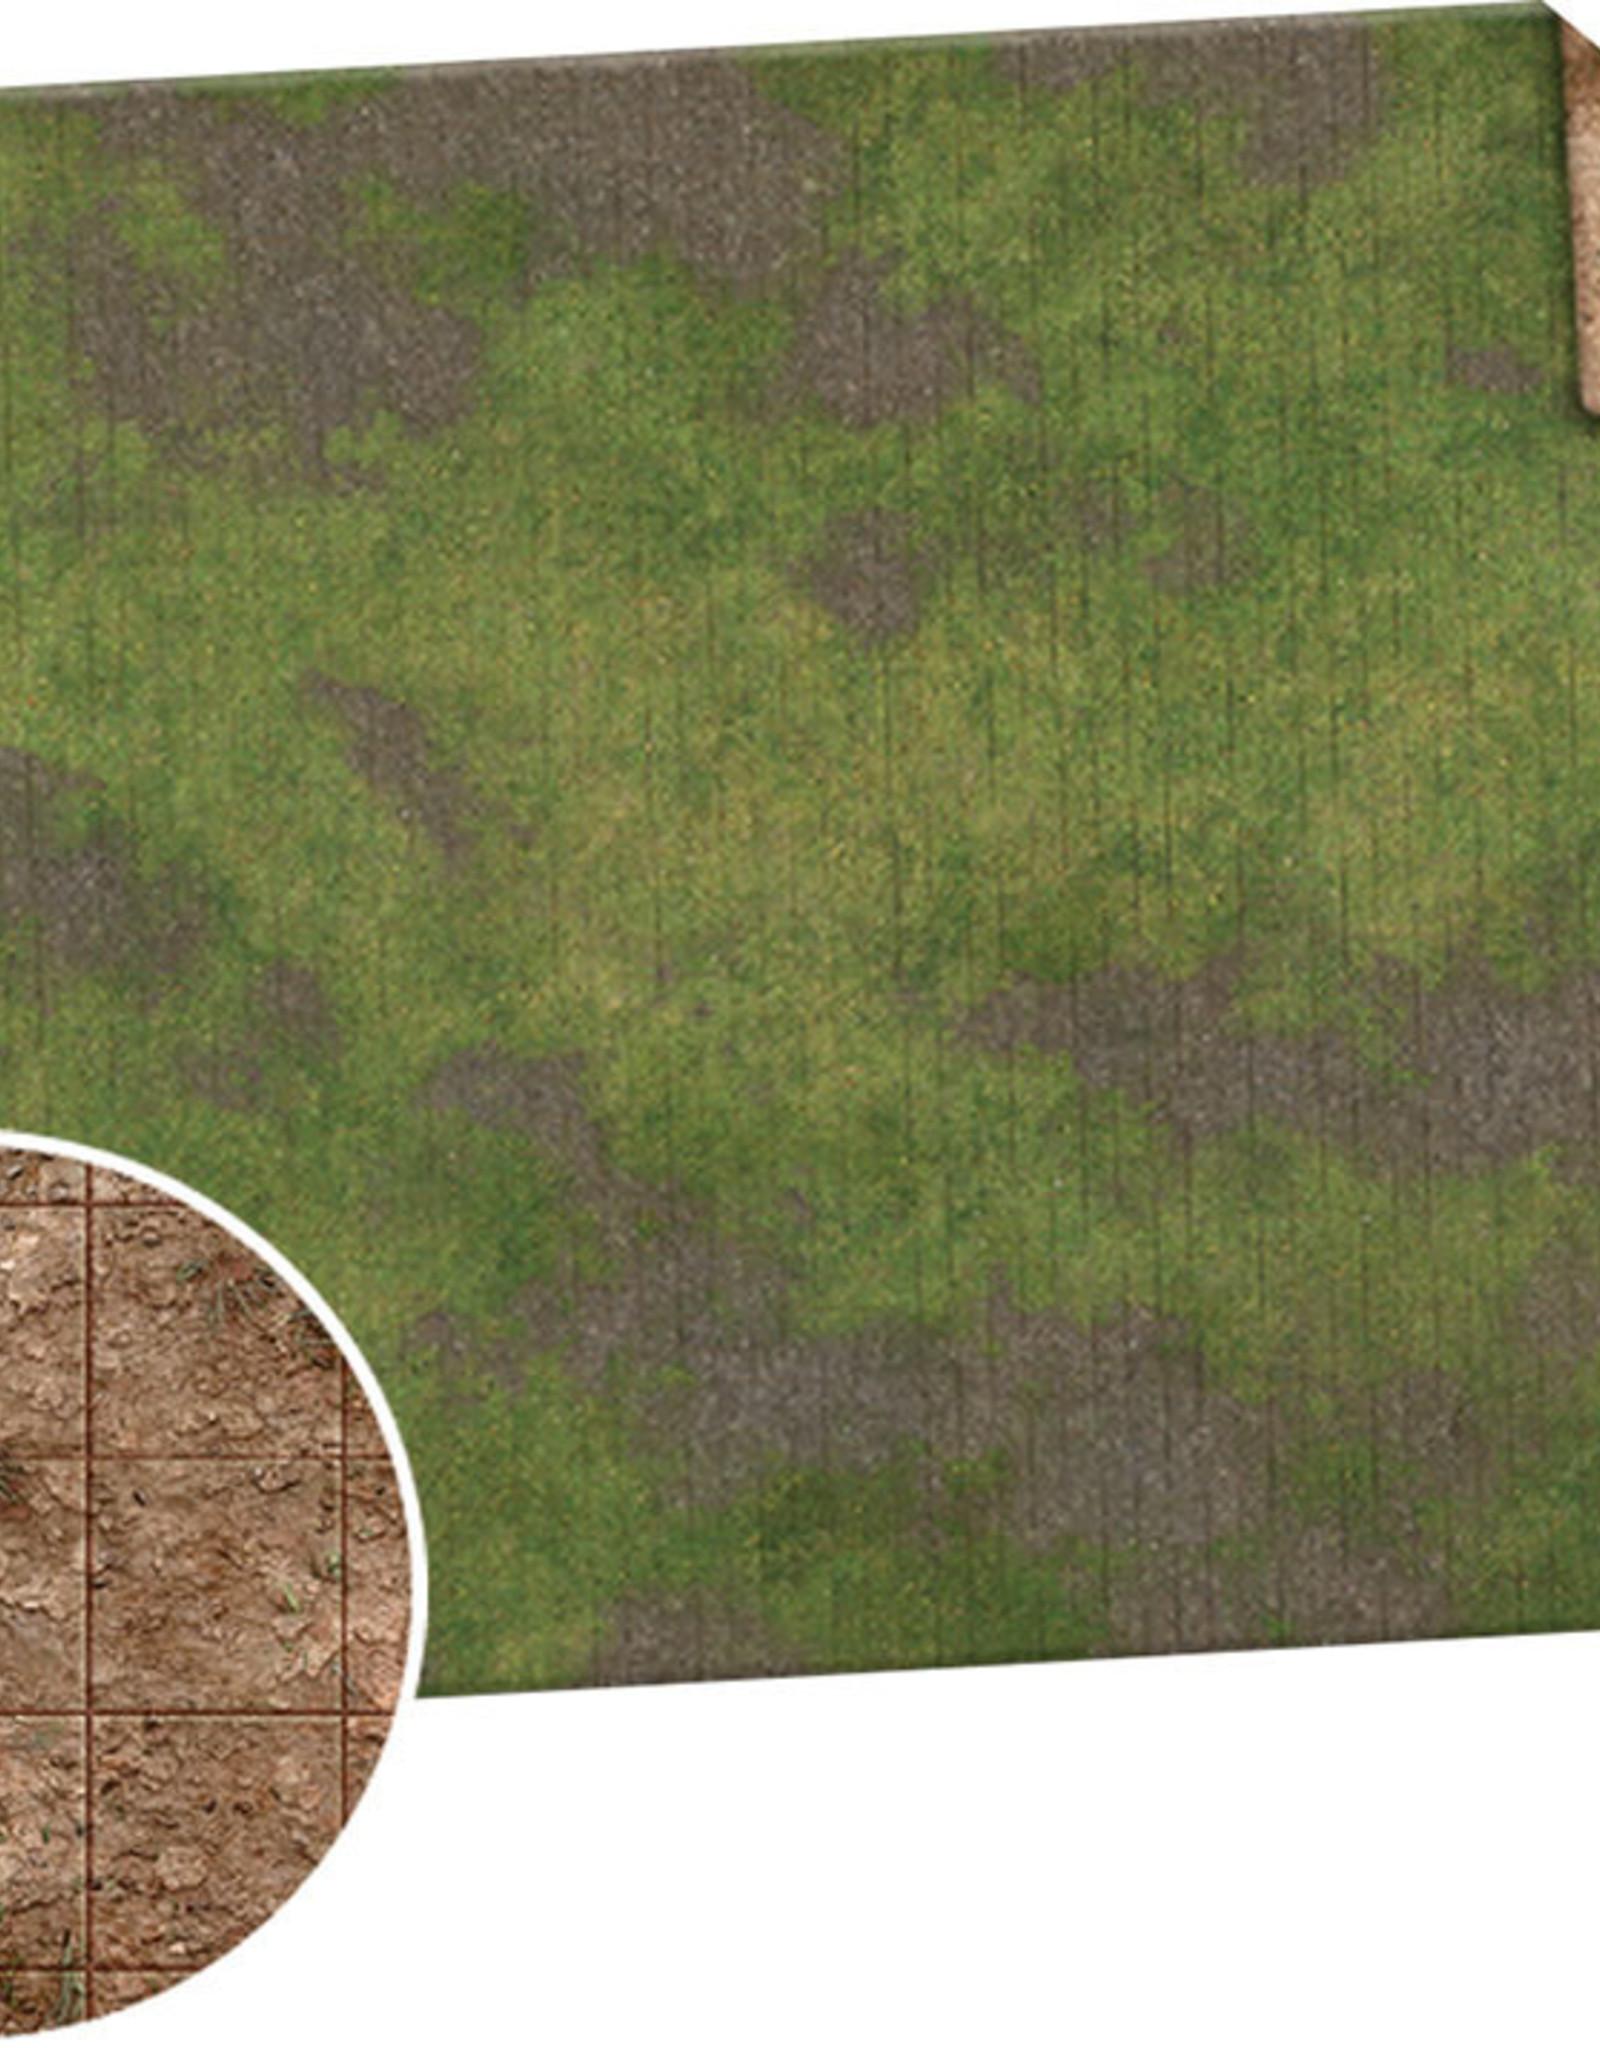 Misc Monster Game Mat: 6x4 - Broken Grassland / Desert Scrubland